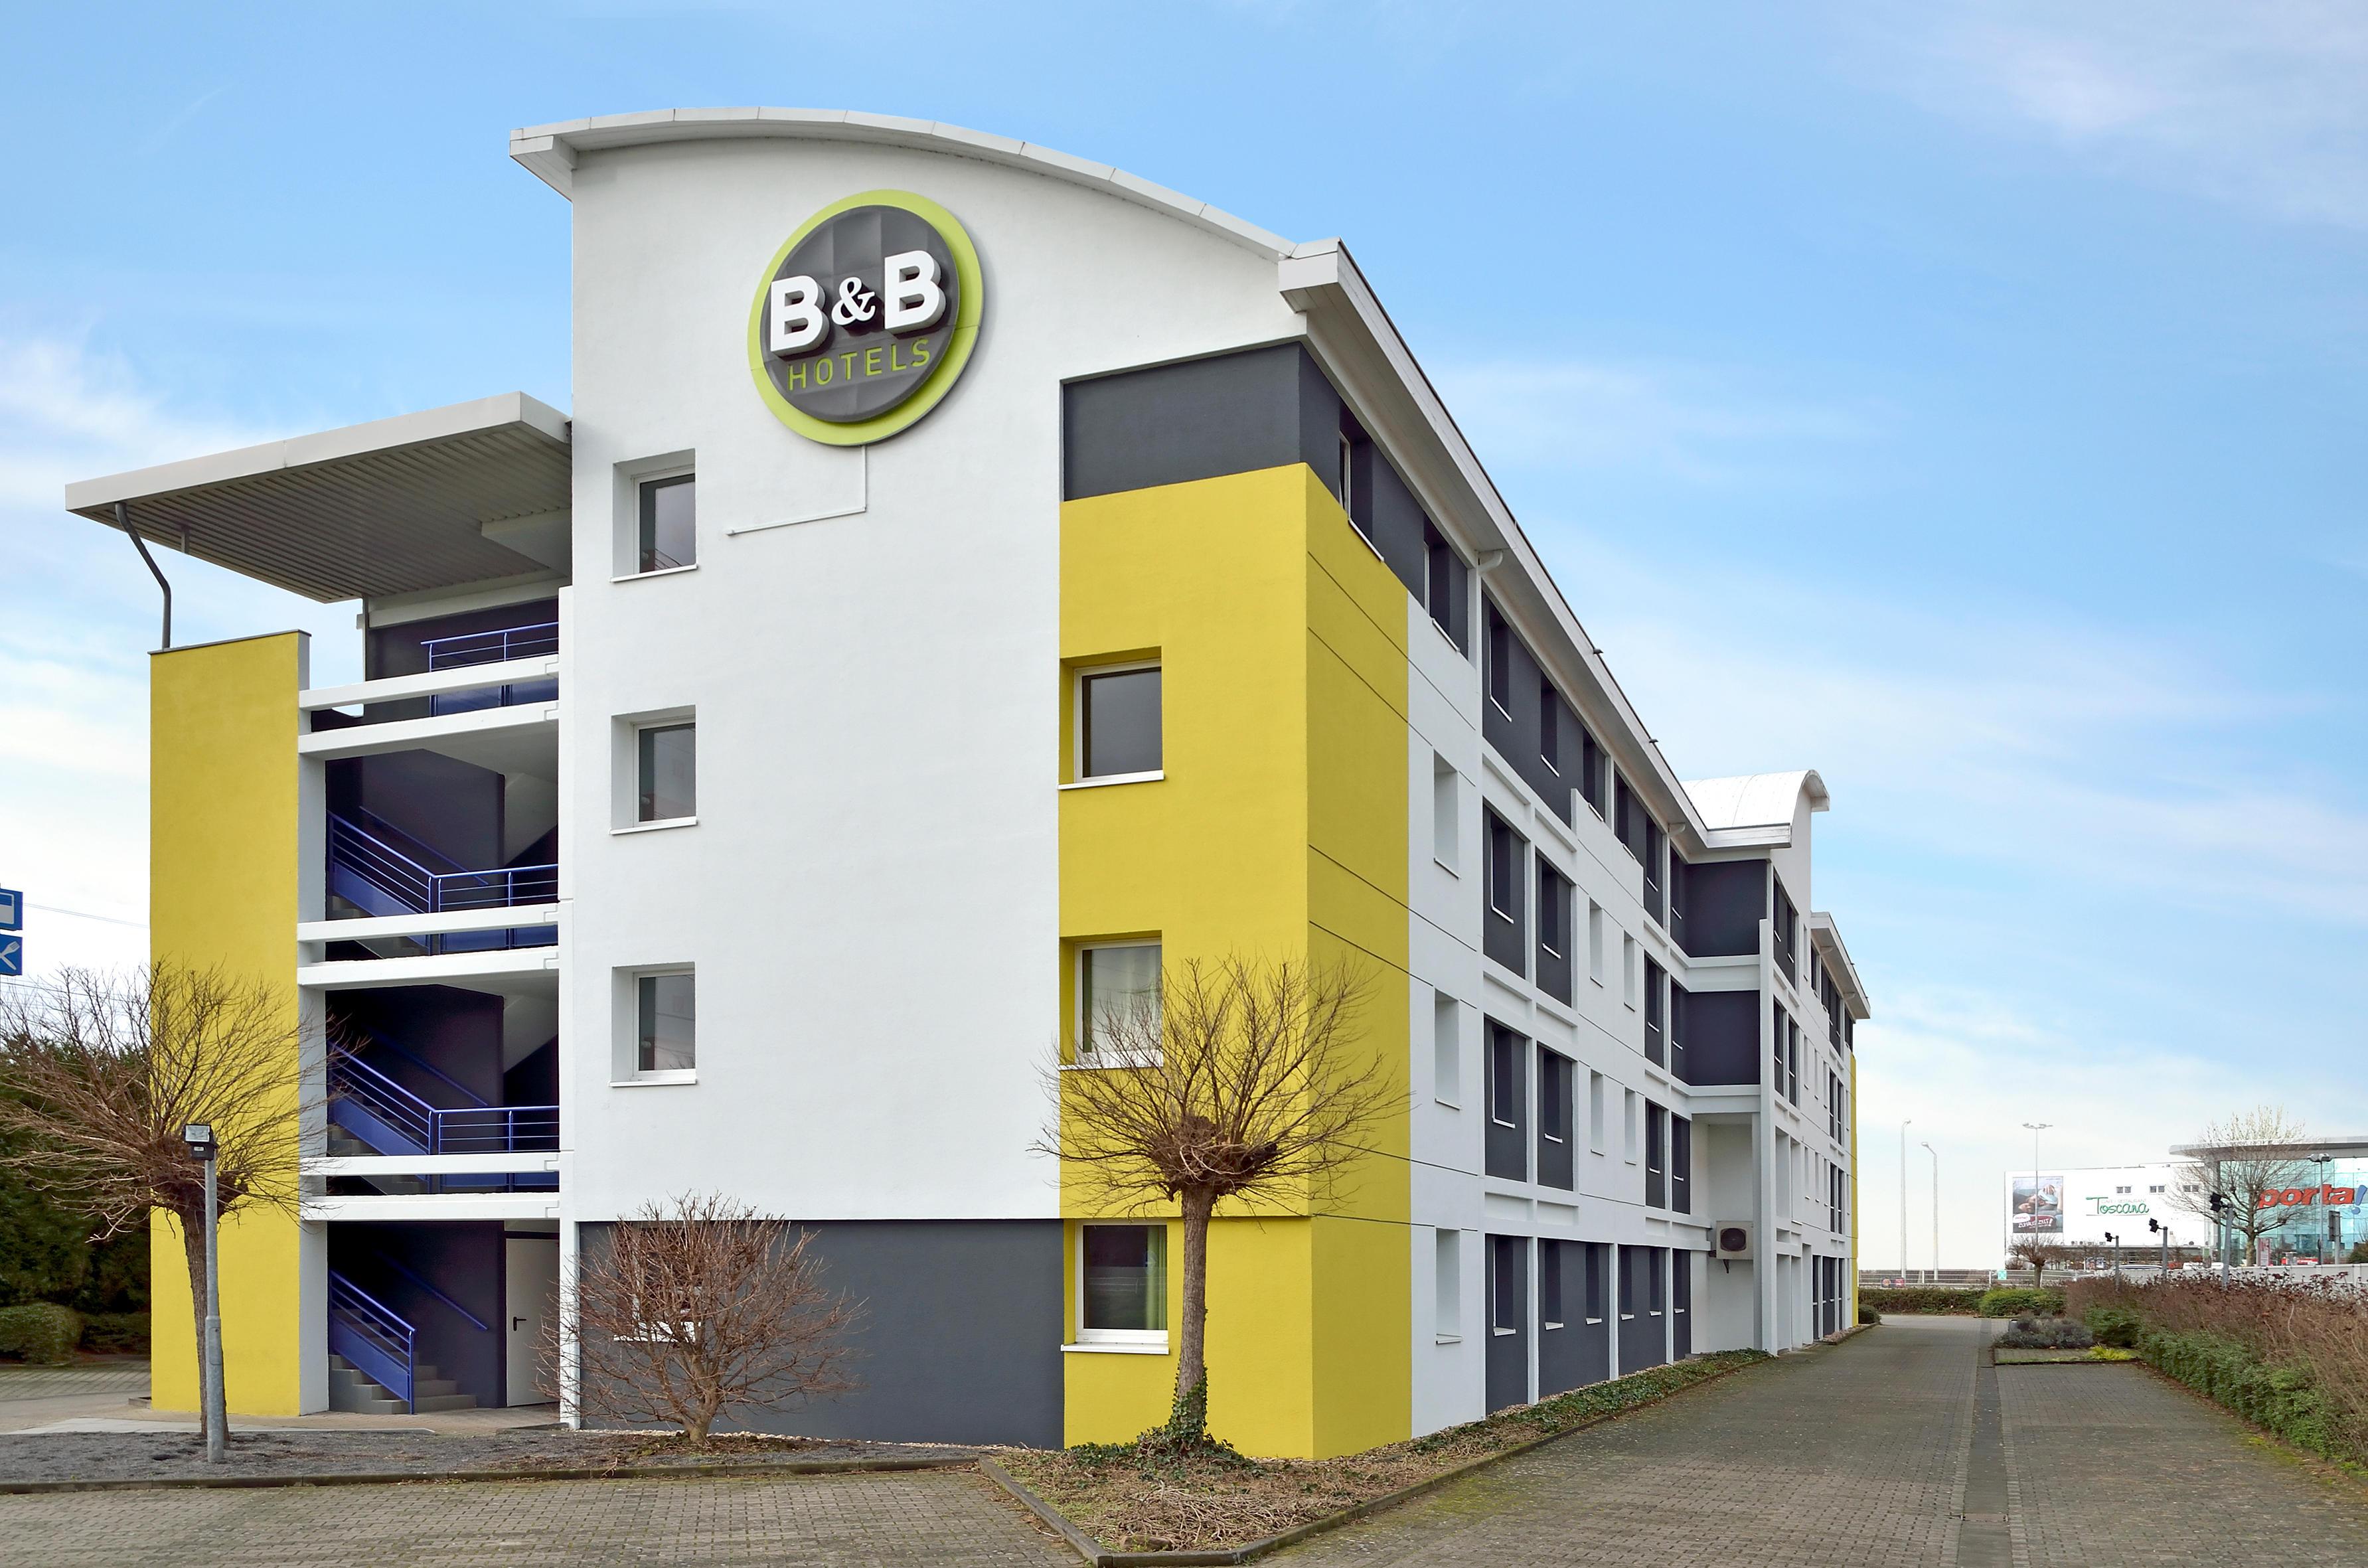 B&B Hotel Köln-Frechen, Kölner Straße 213 in Frechen